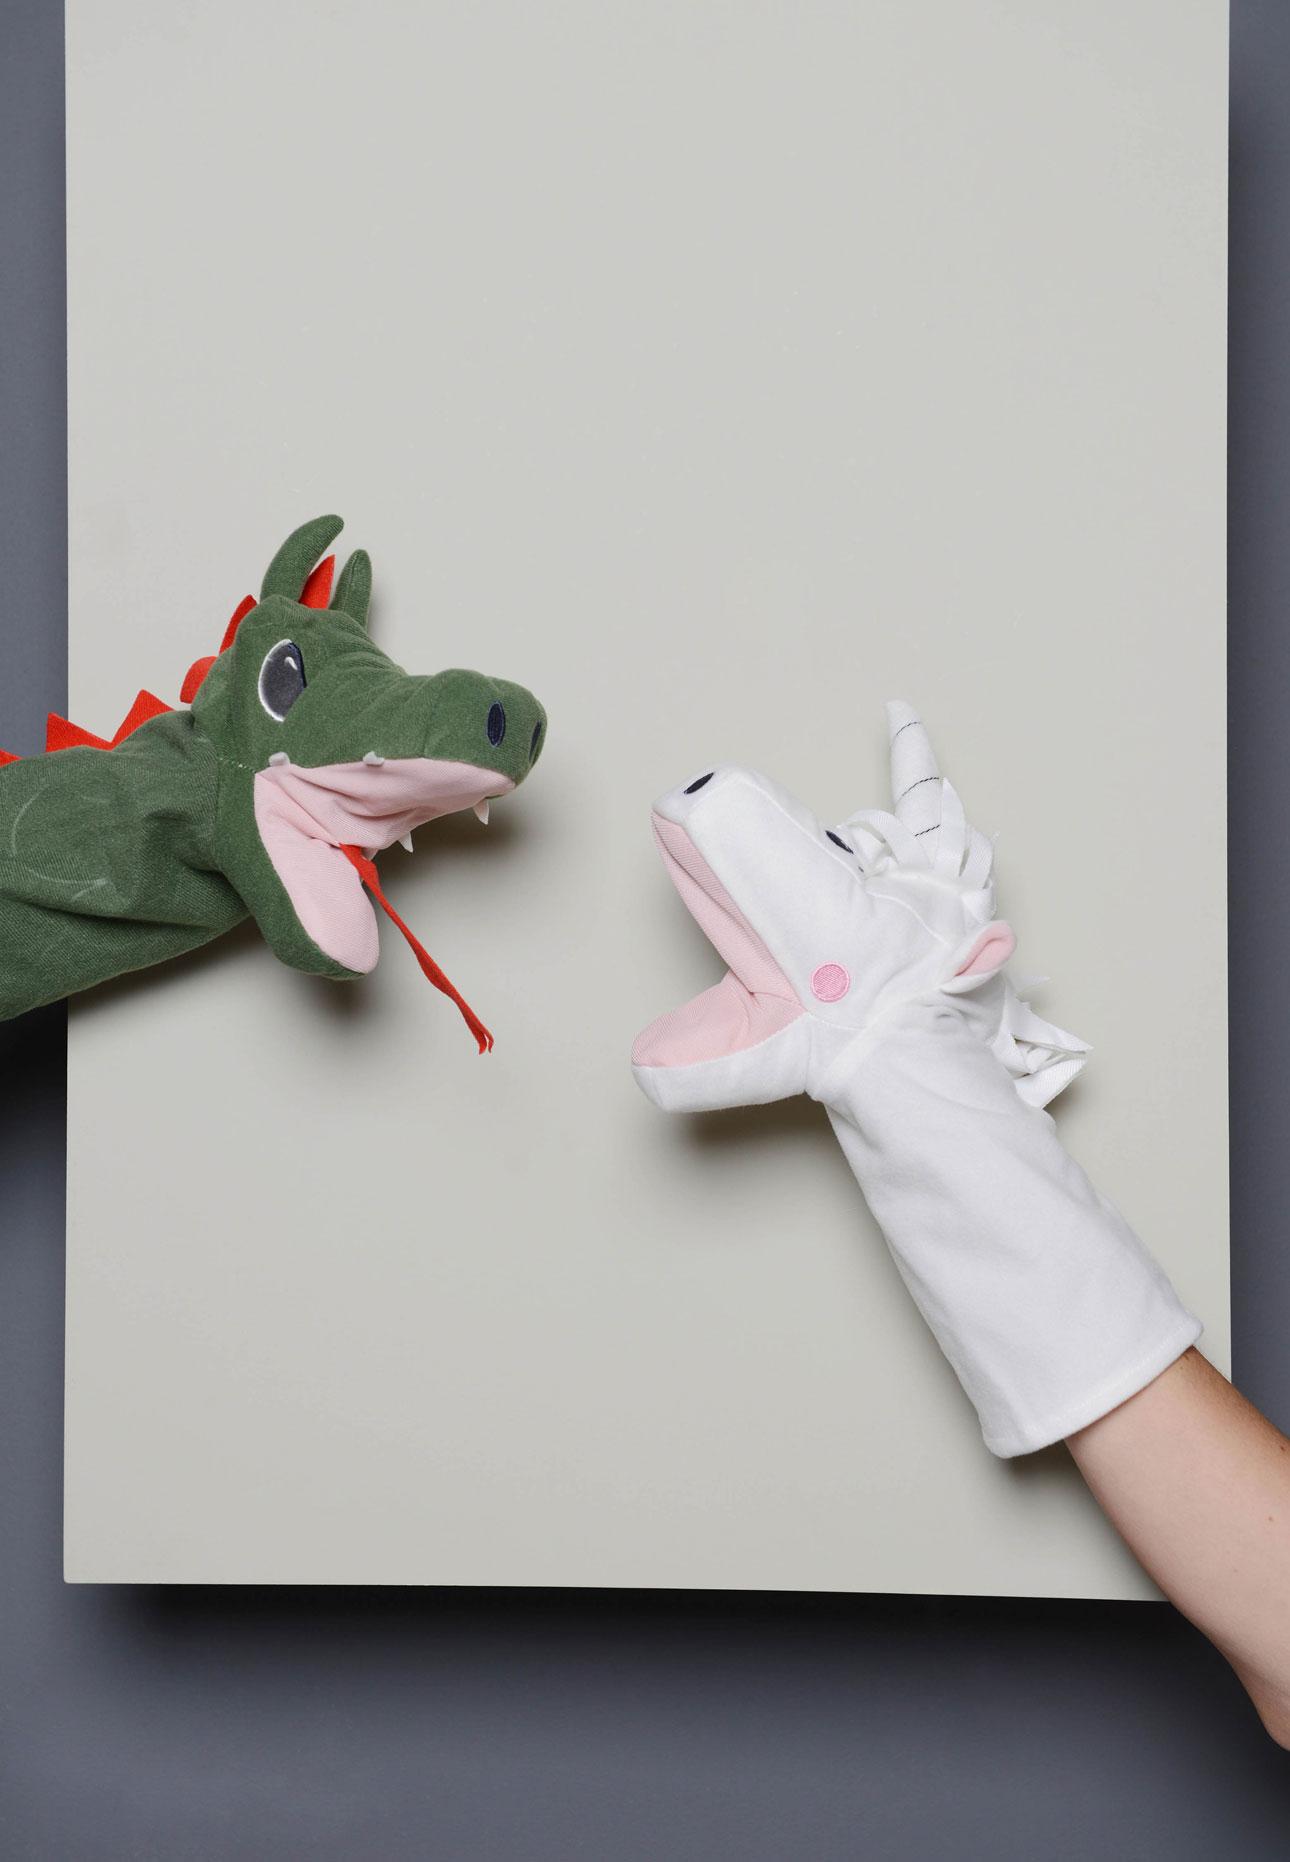 ikea speelgoed beestenboel handpoppen